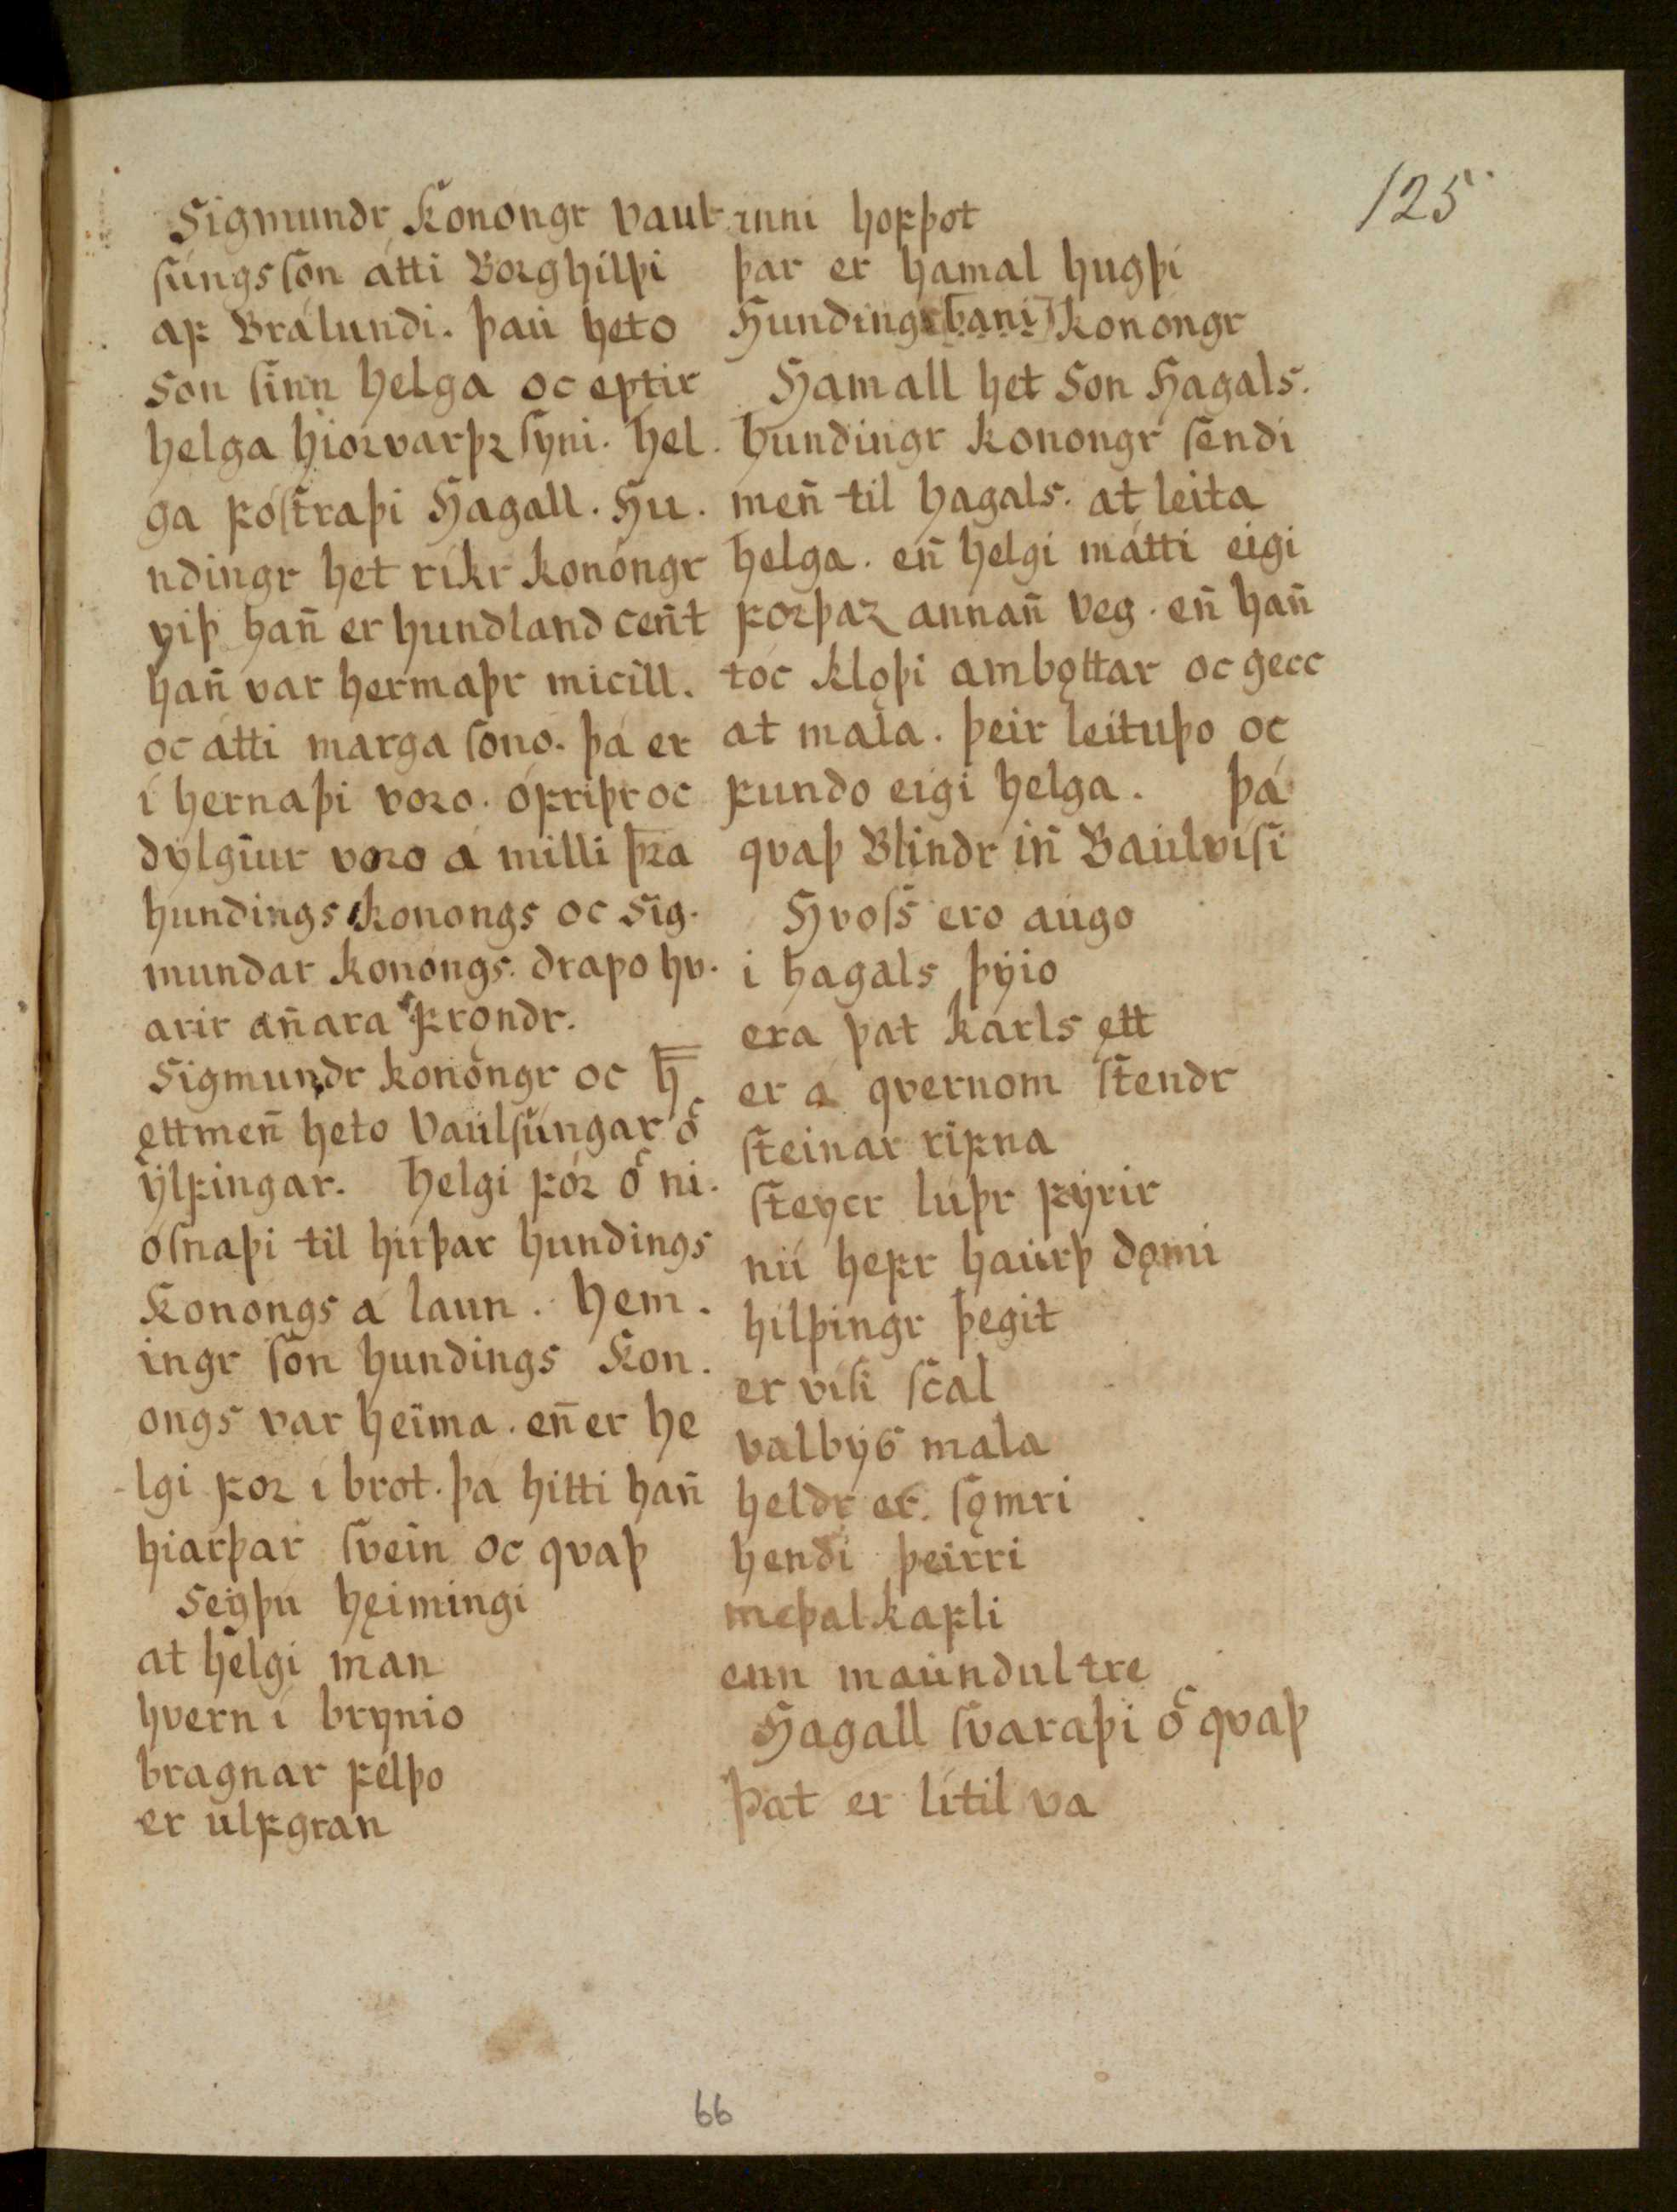 Lbs 1689 4° - 66r